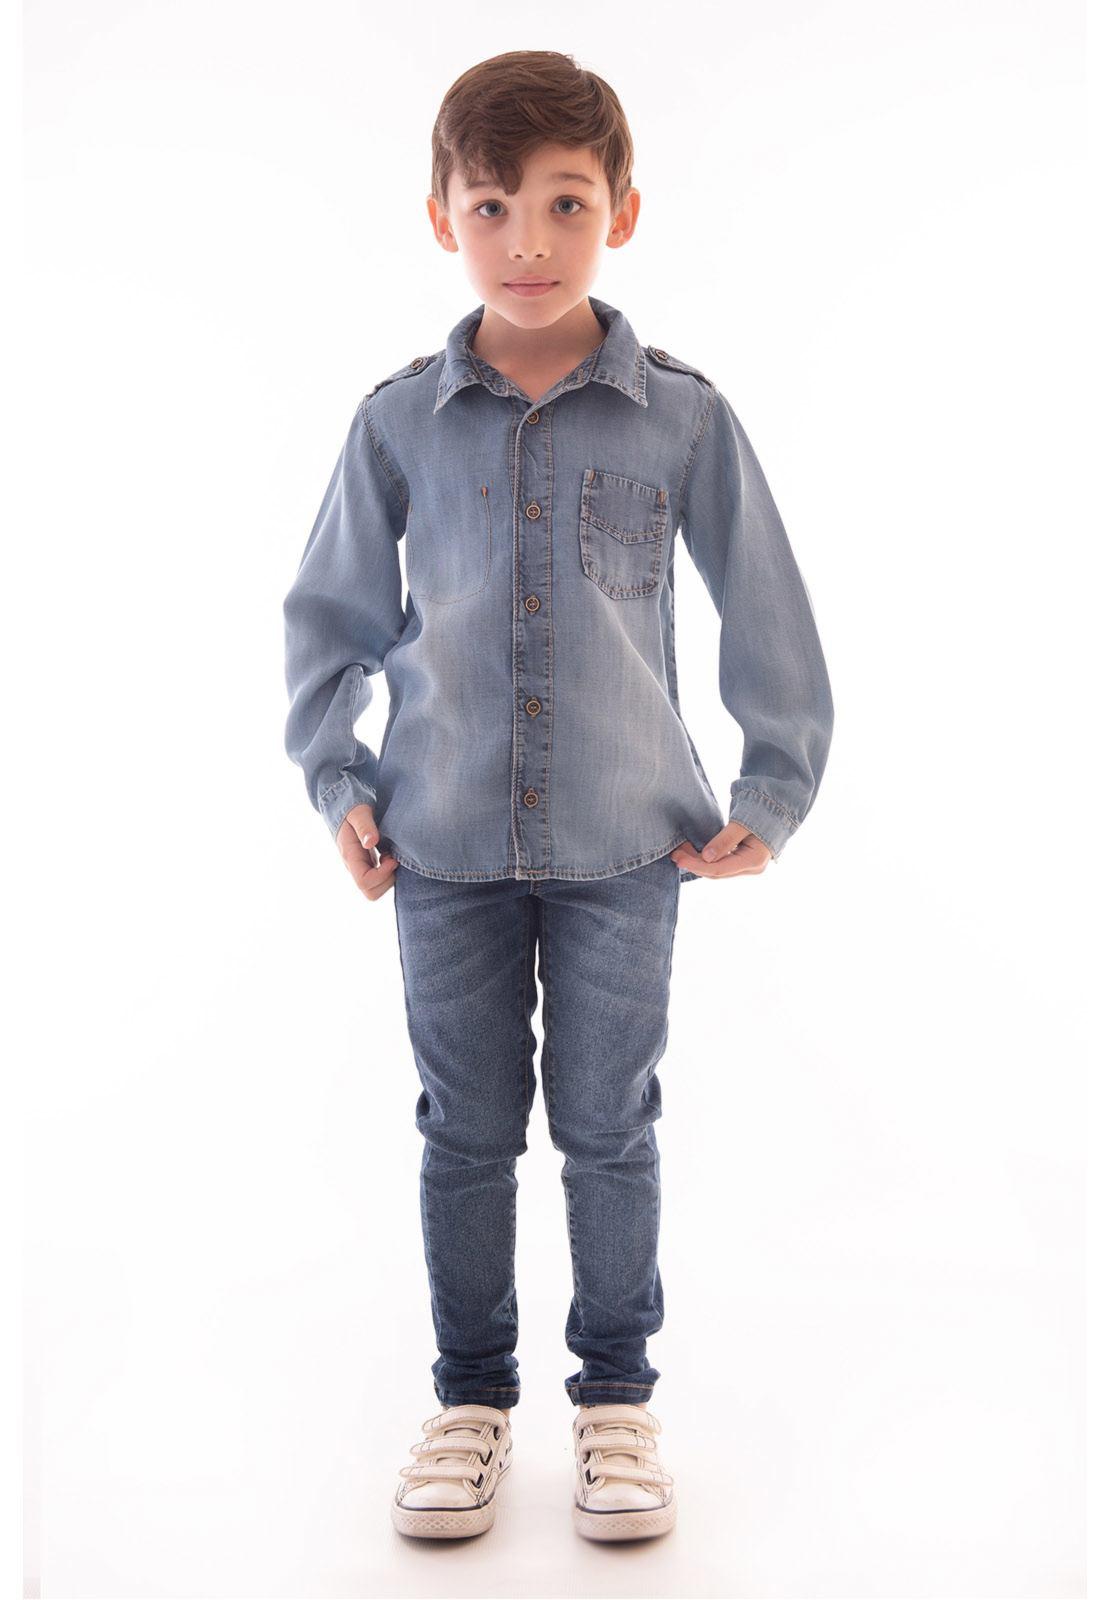 Camisa Jeans Liocel Manga Longa Ref. 517